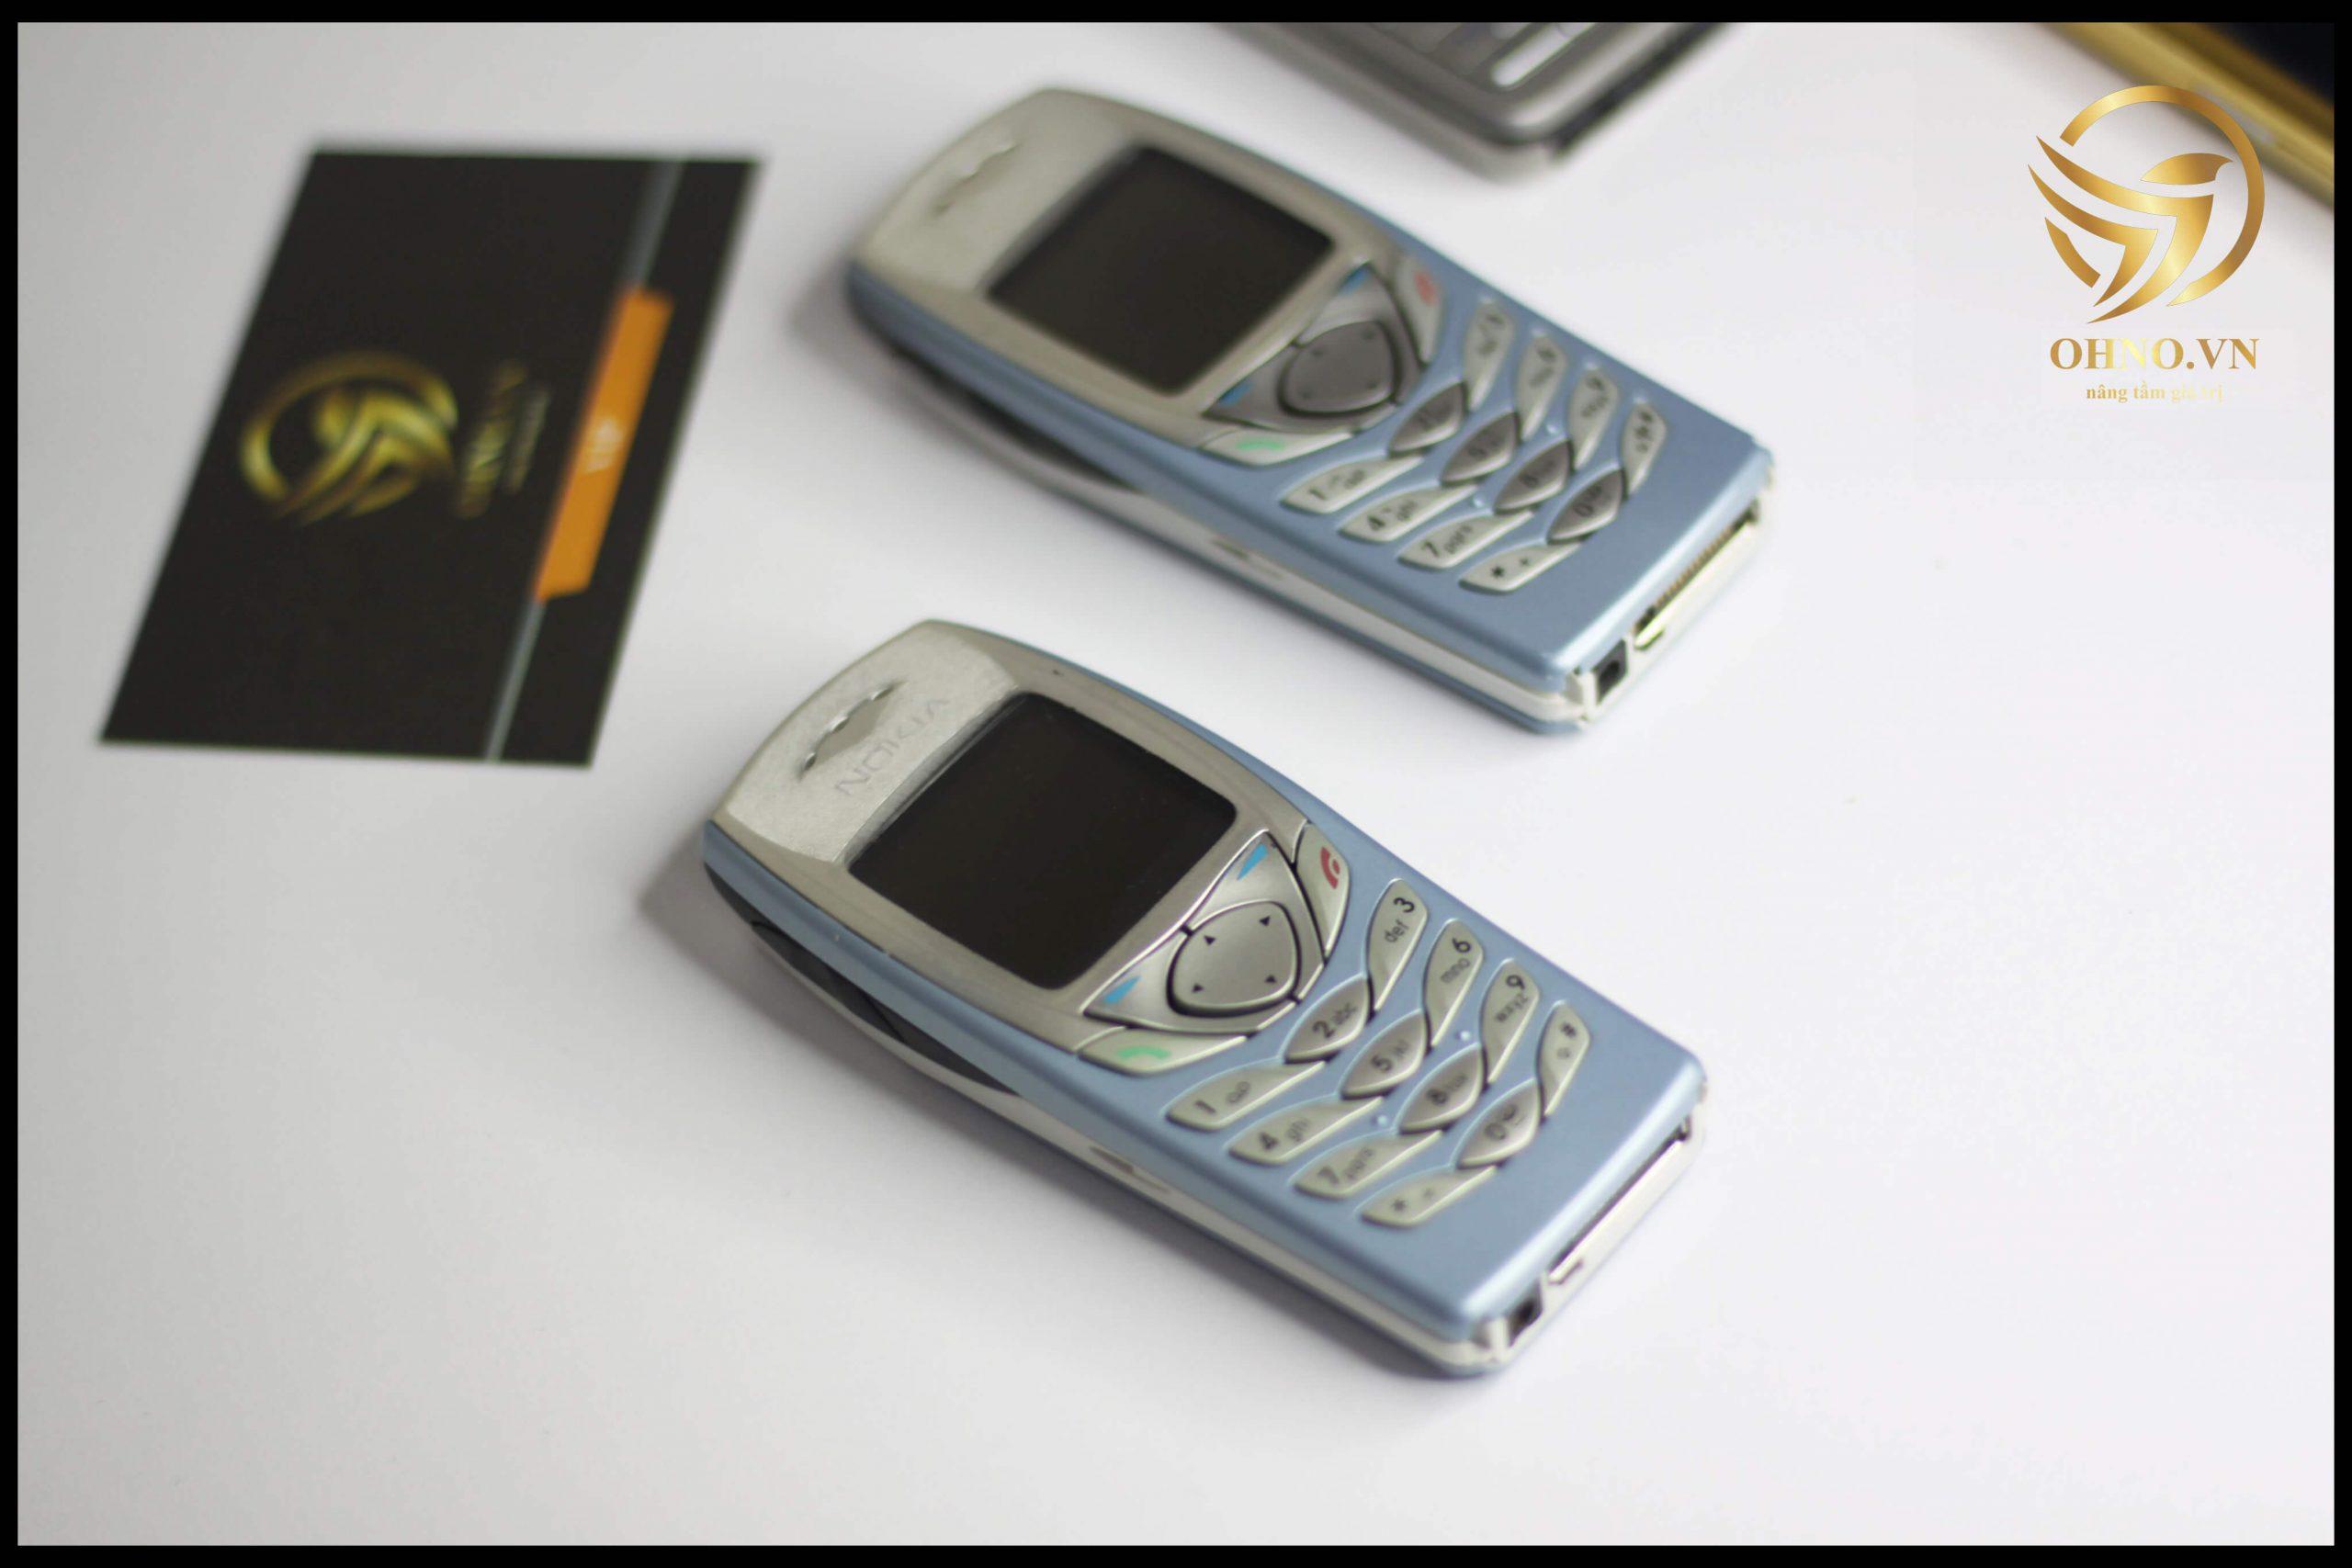 Nokia chính hãng 6100